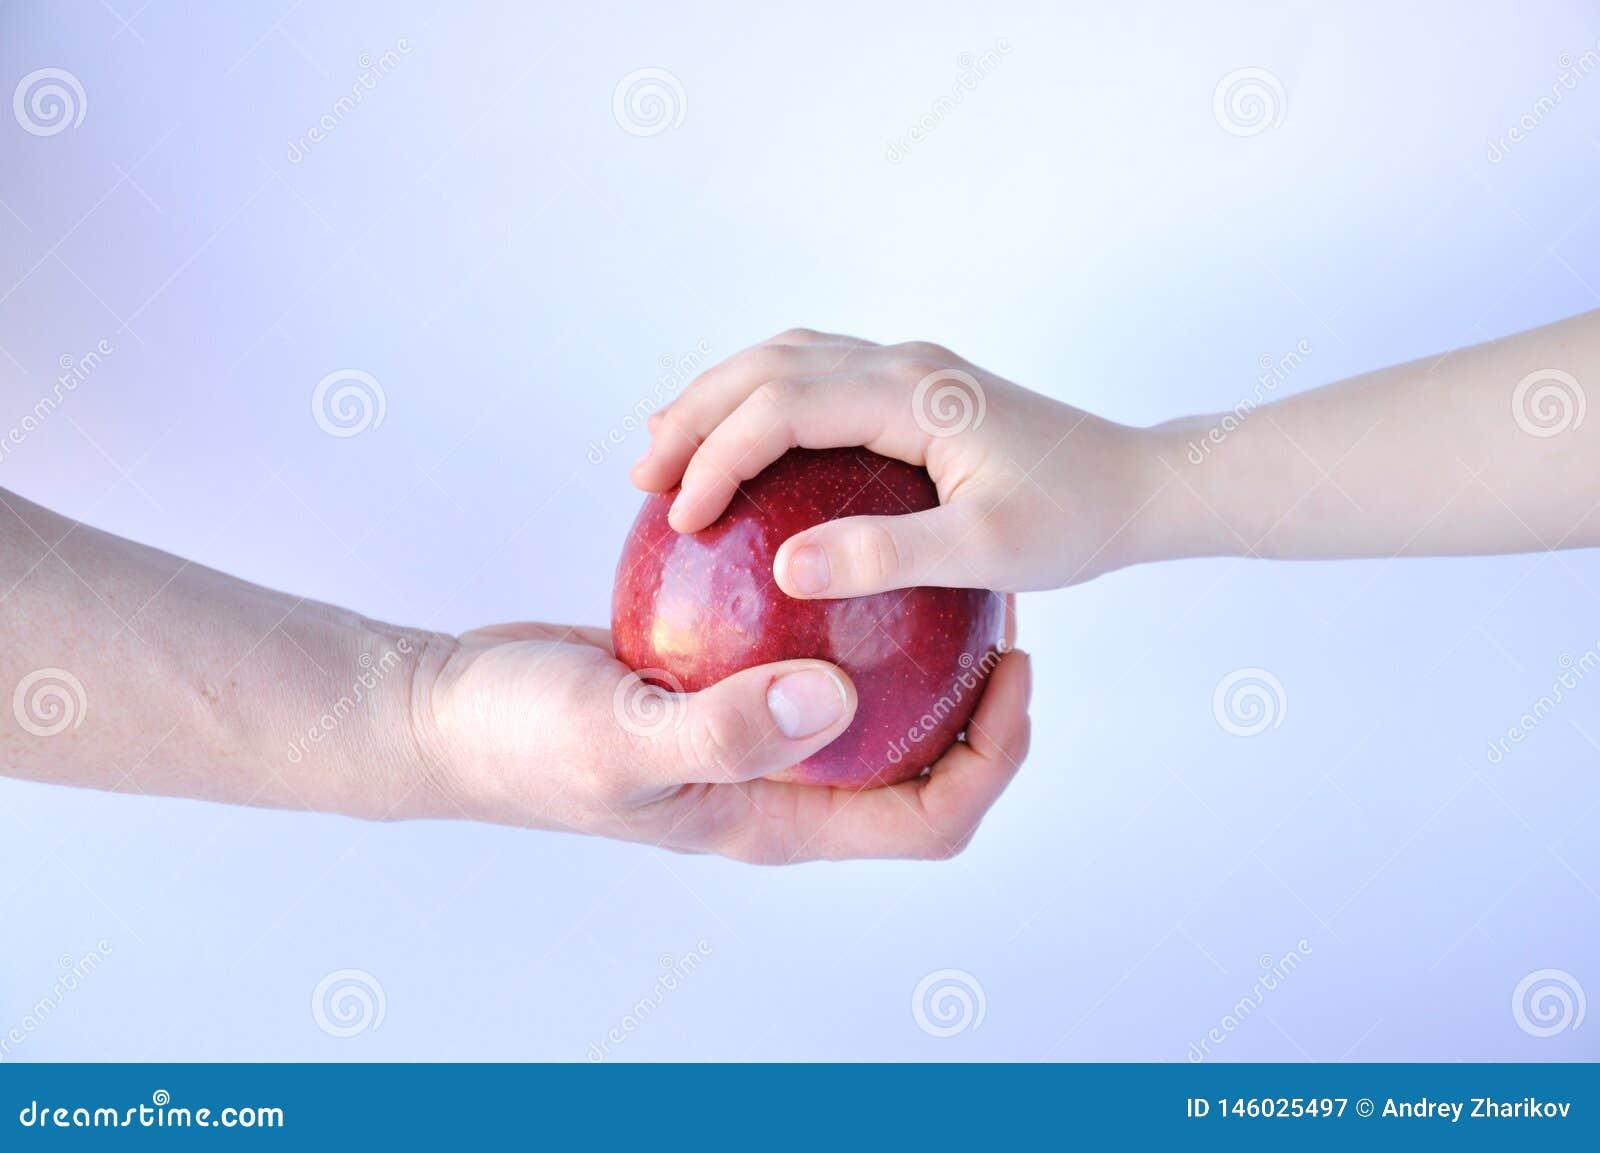 Hand gibt einen roten Apfel zu einer anderen Hand